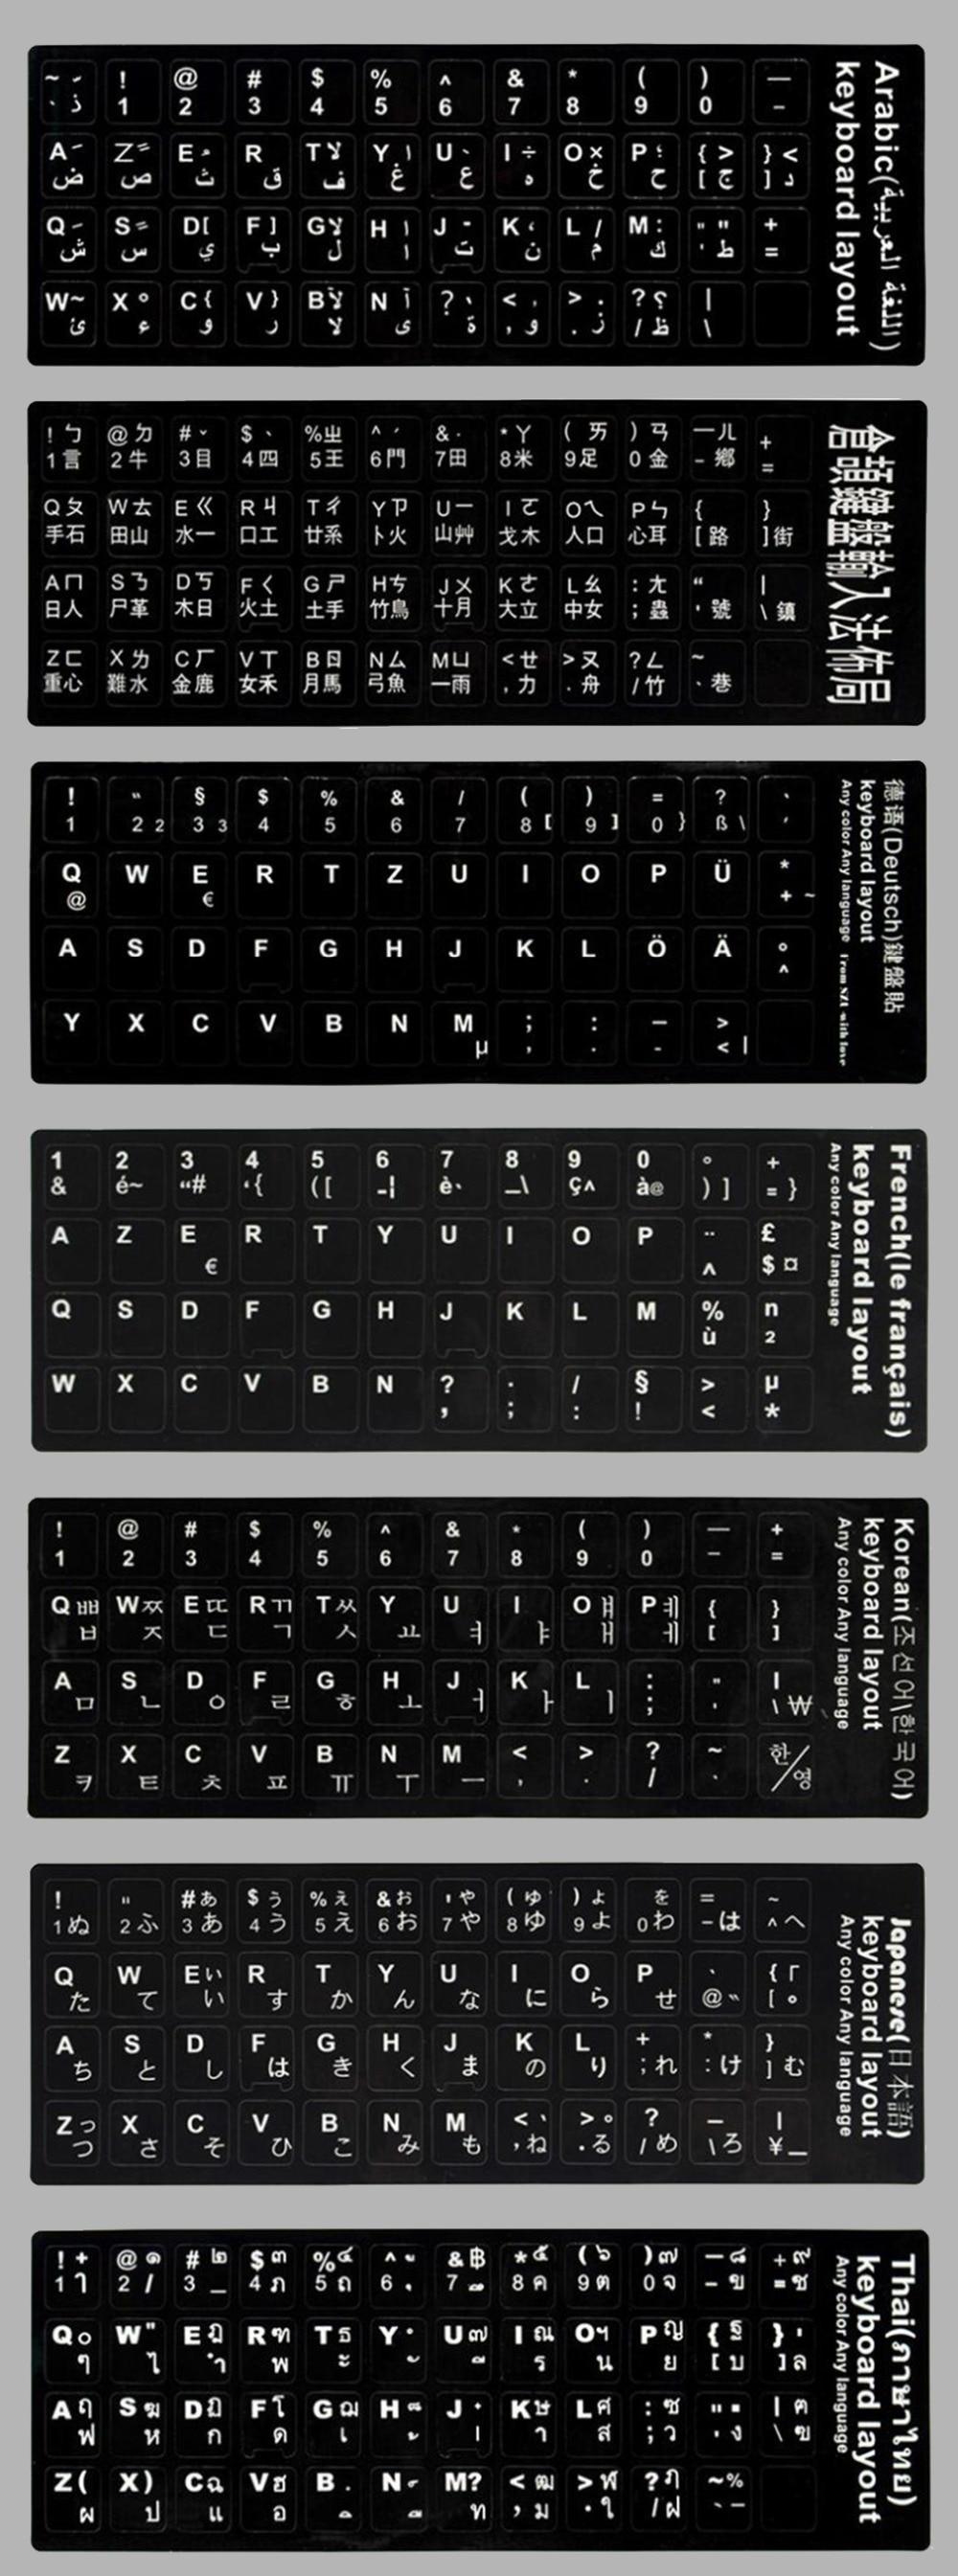 laptops keyboard language 1 (2)